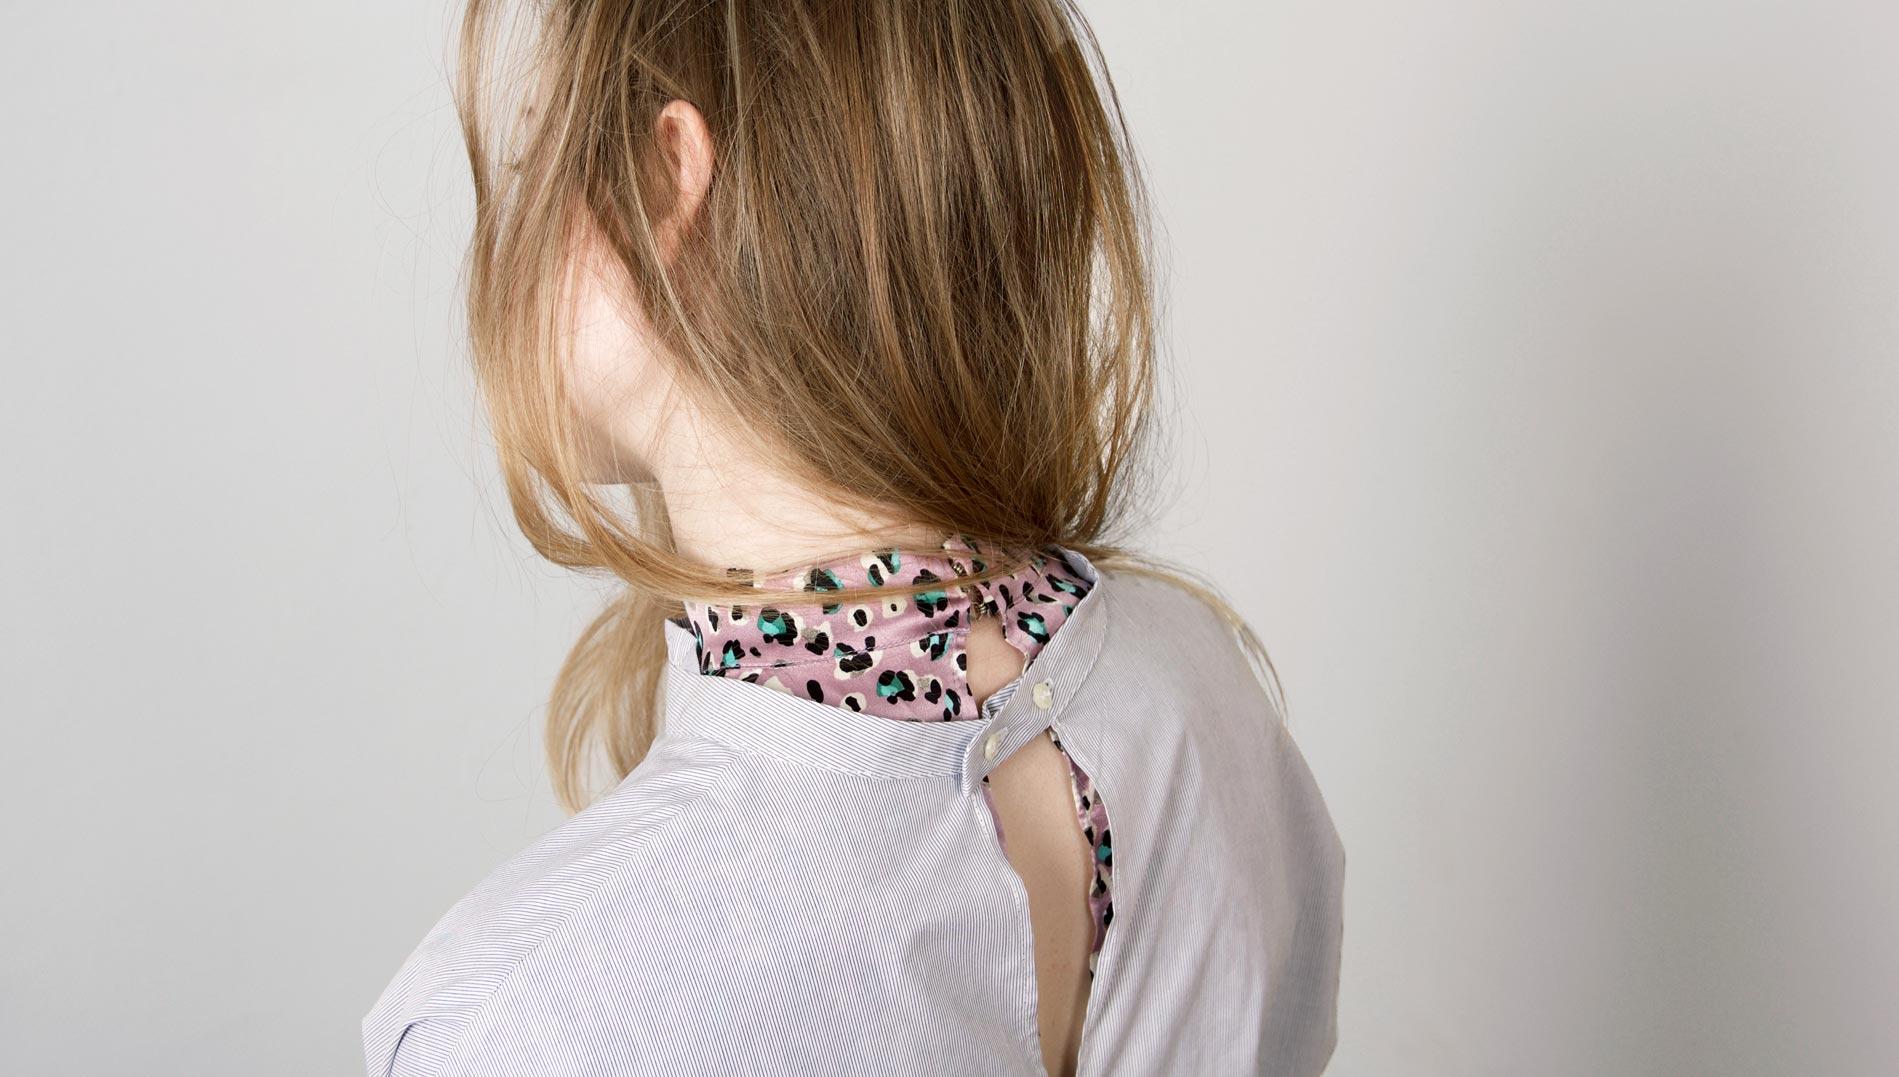 paula-immich-x-lindabellinda-traegt-bluse-mit-stehkragen-und-rueschen